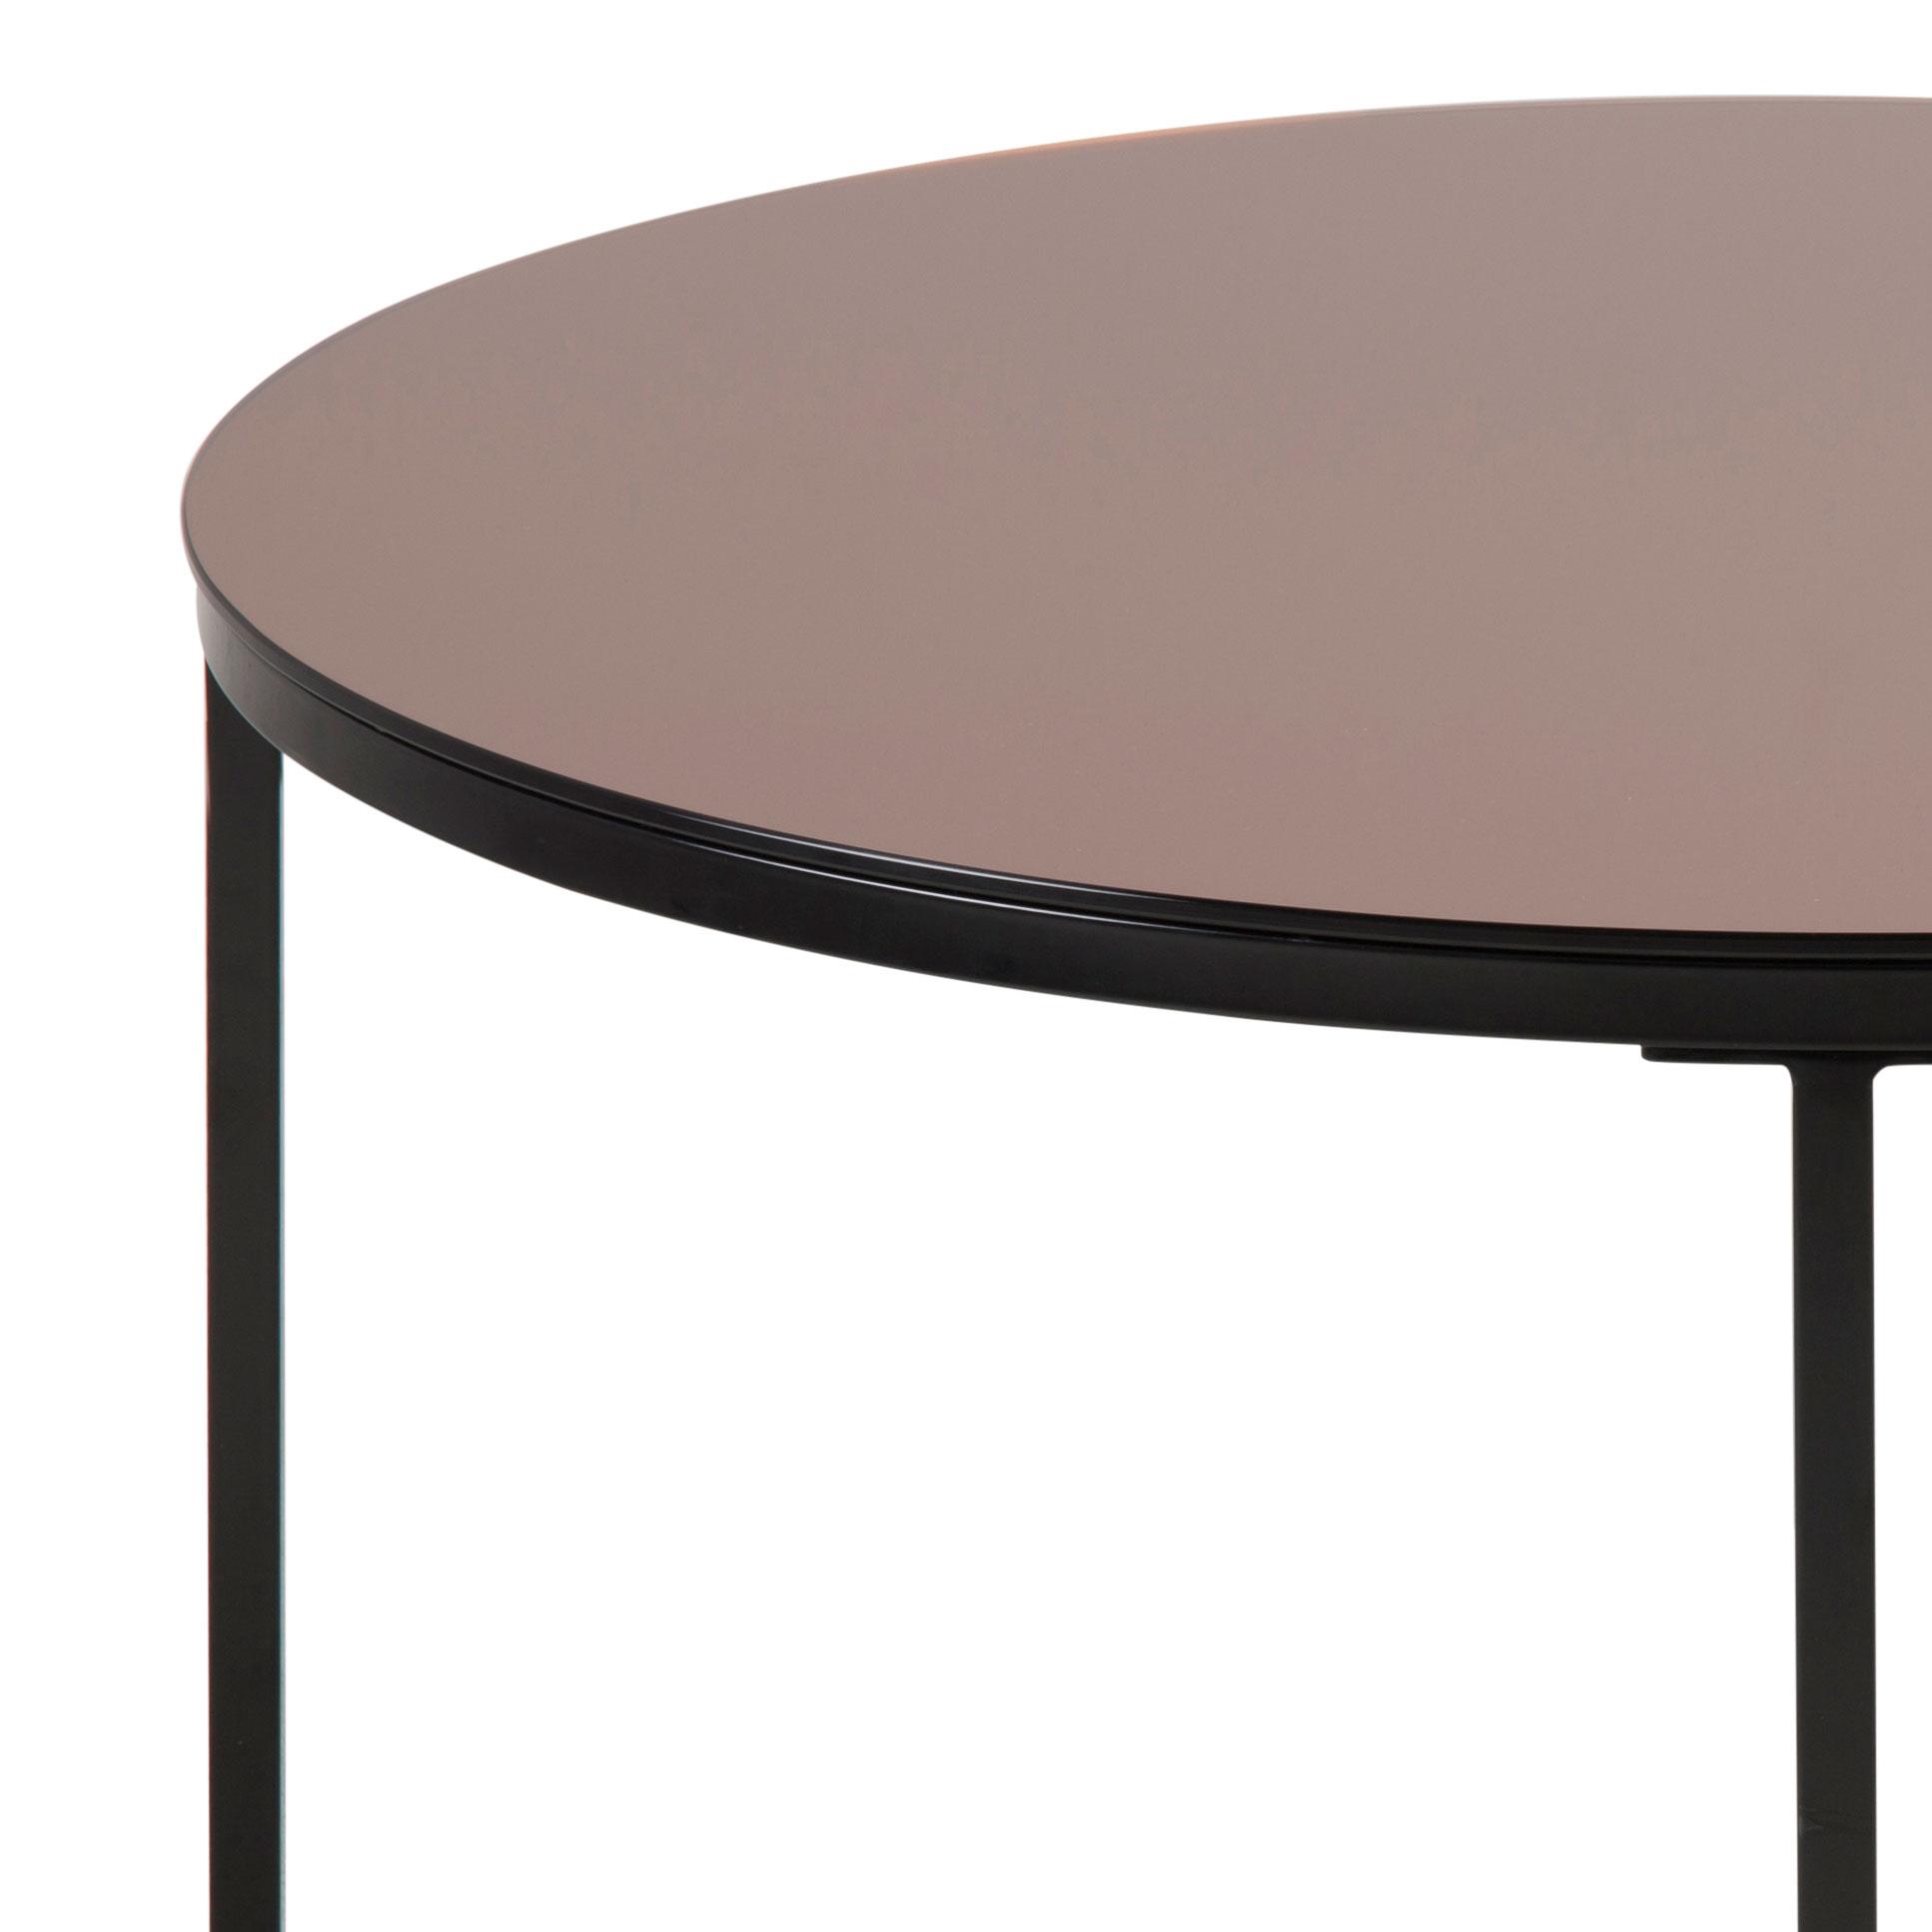 Konferenční stolek skleněný Gira, 80 cm